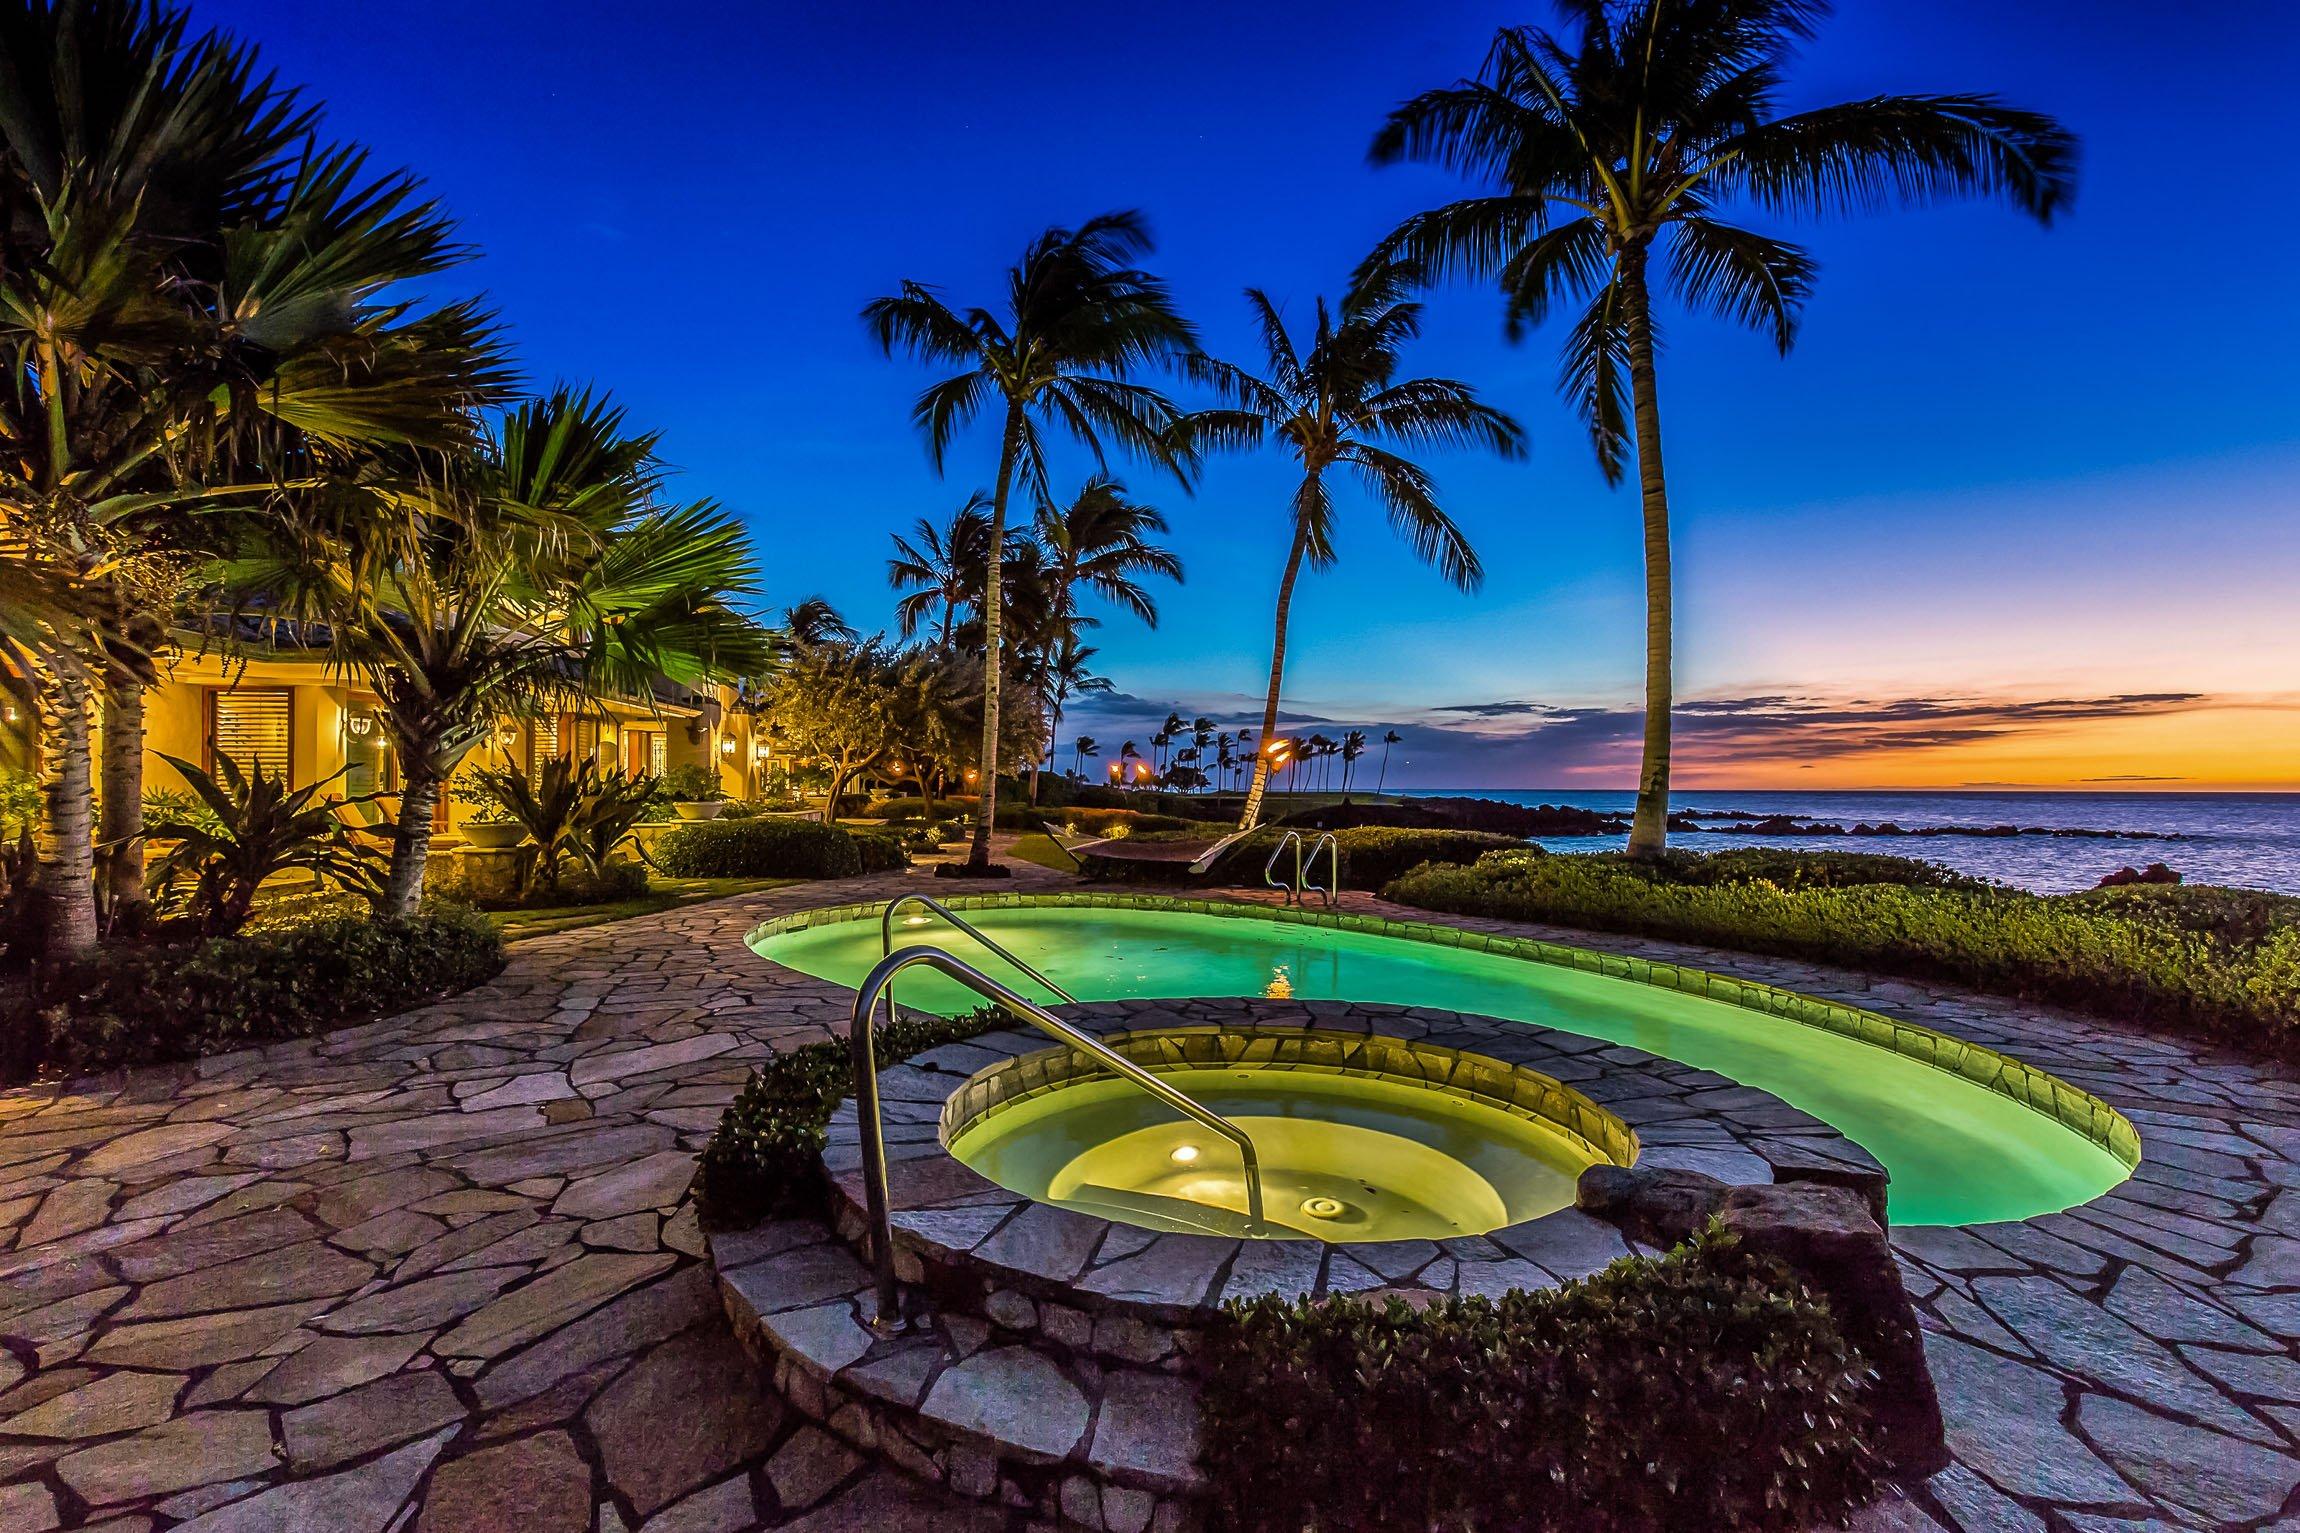 Halekailani - Kohala Coast, Hawaii, United States